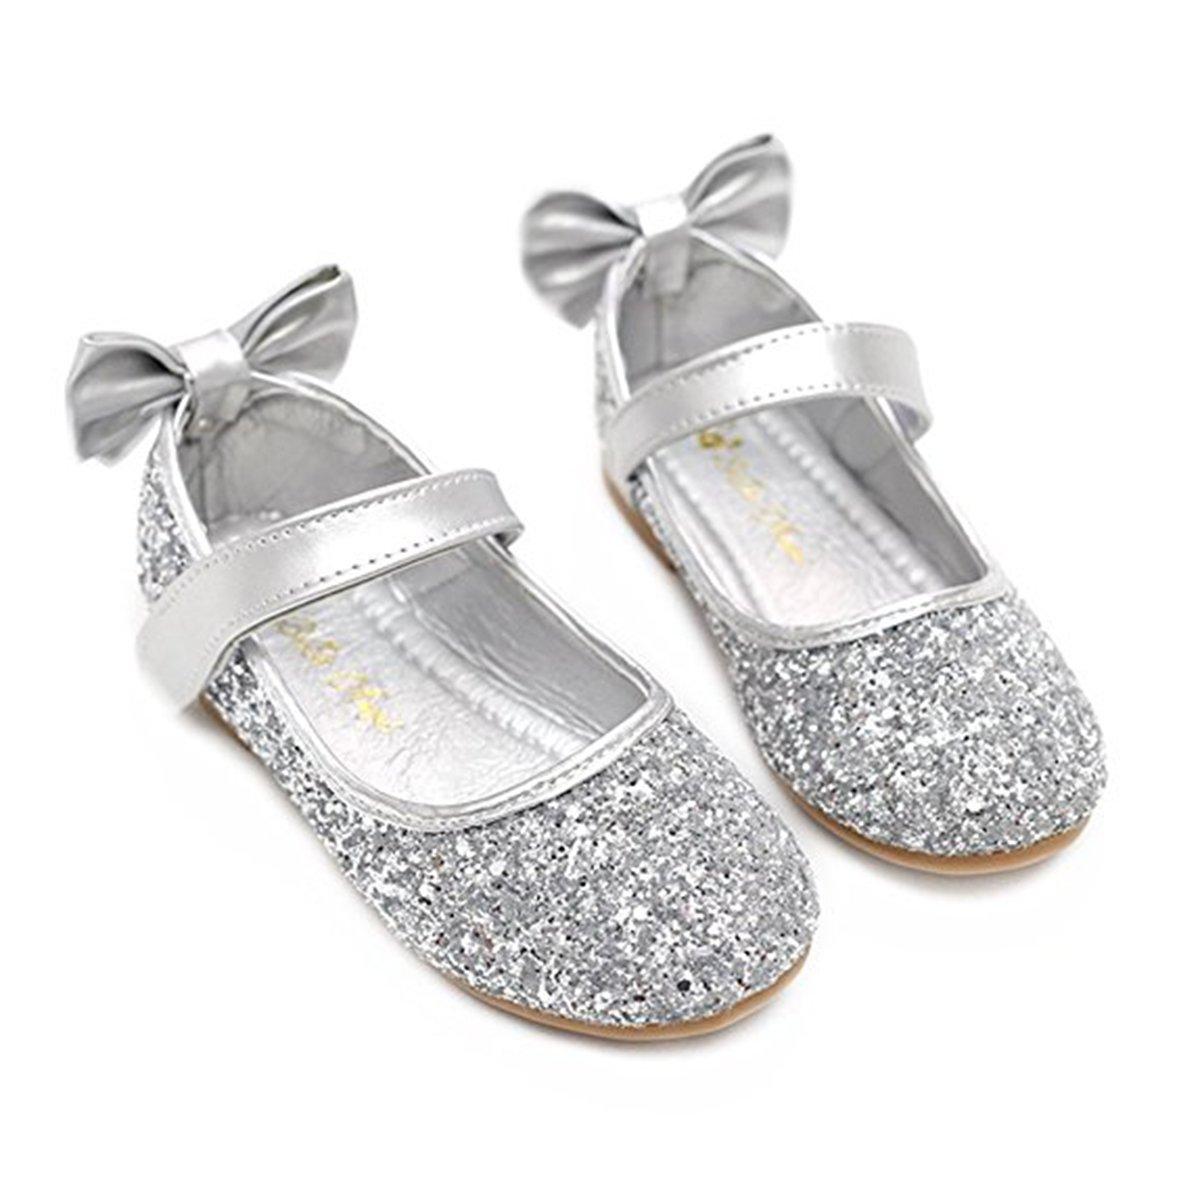 YING LAN Girl Round-Toe Sparkle Bowknot Ballet Ballerina Flat Shoes